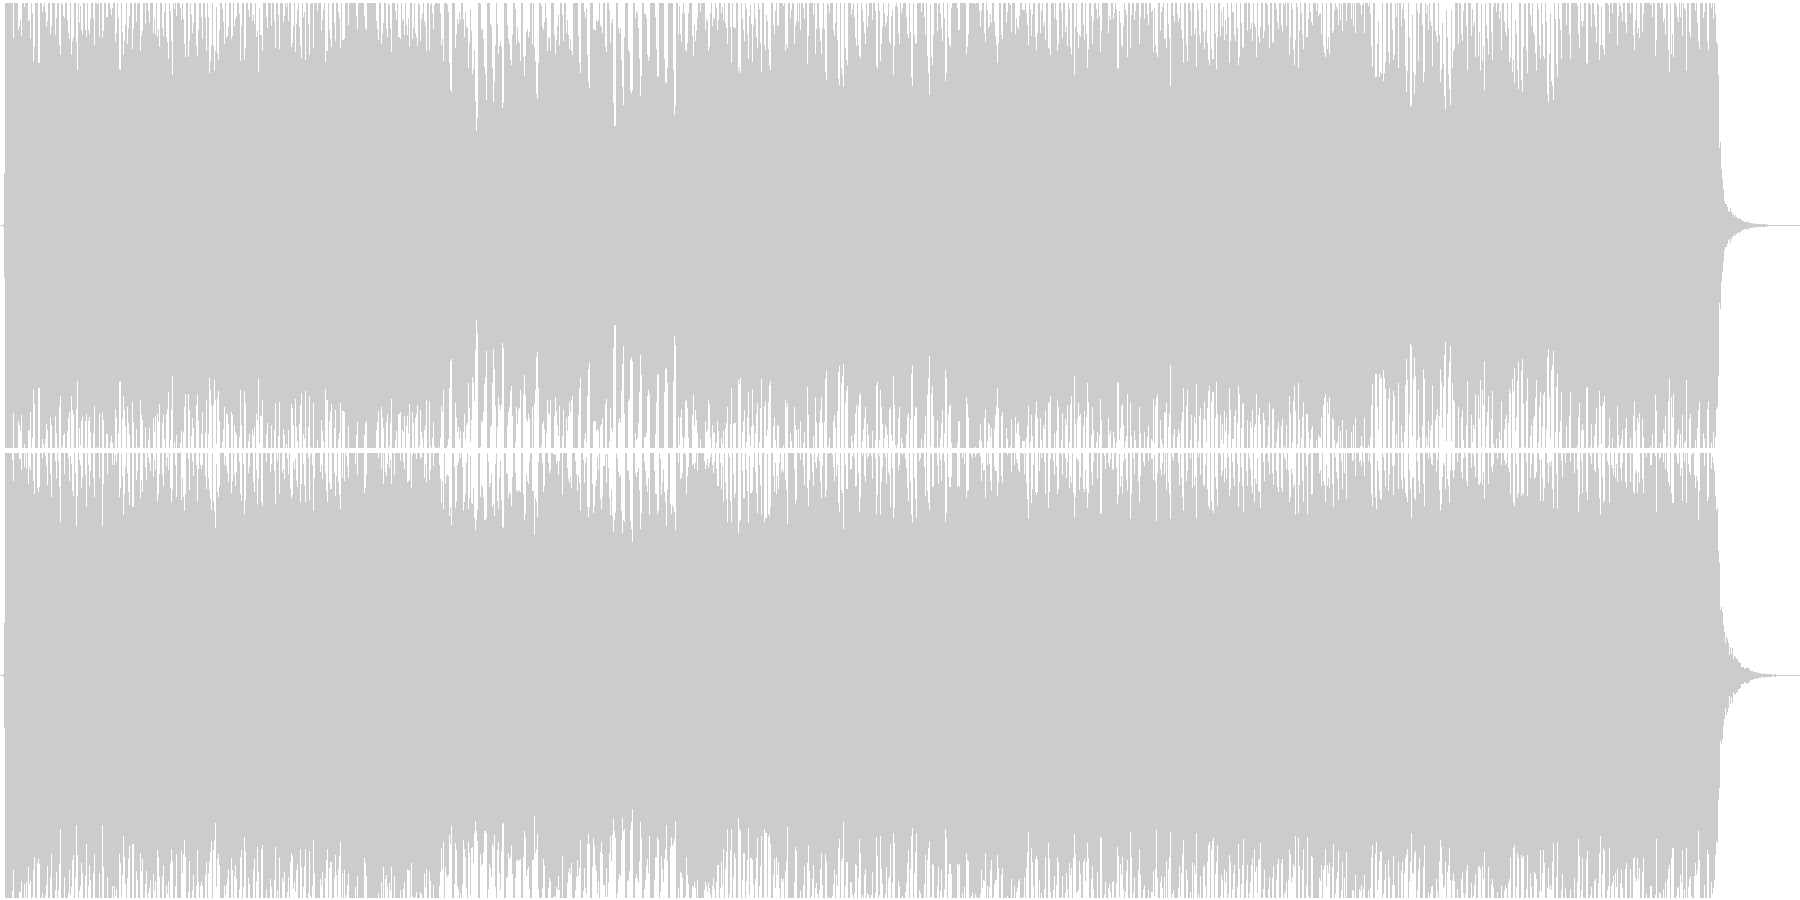 女性Vo★アニソンOP風テクノポップ曲☆の未再生の波形